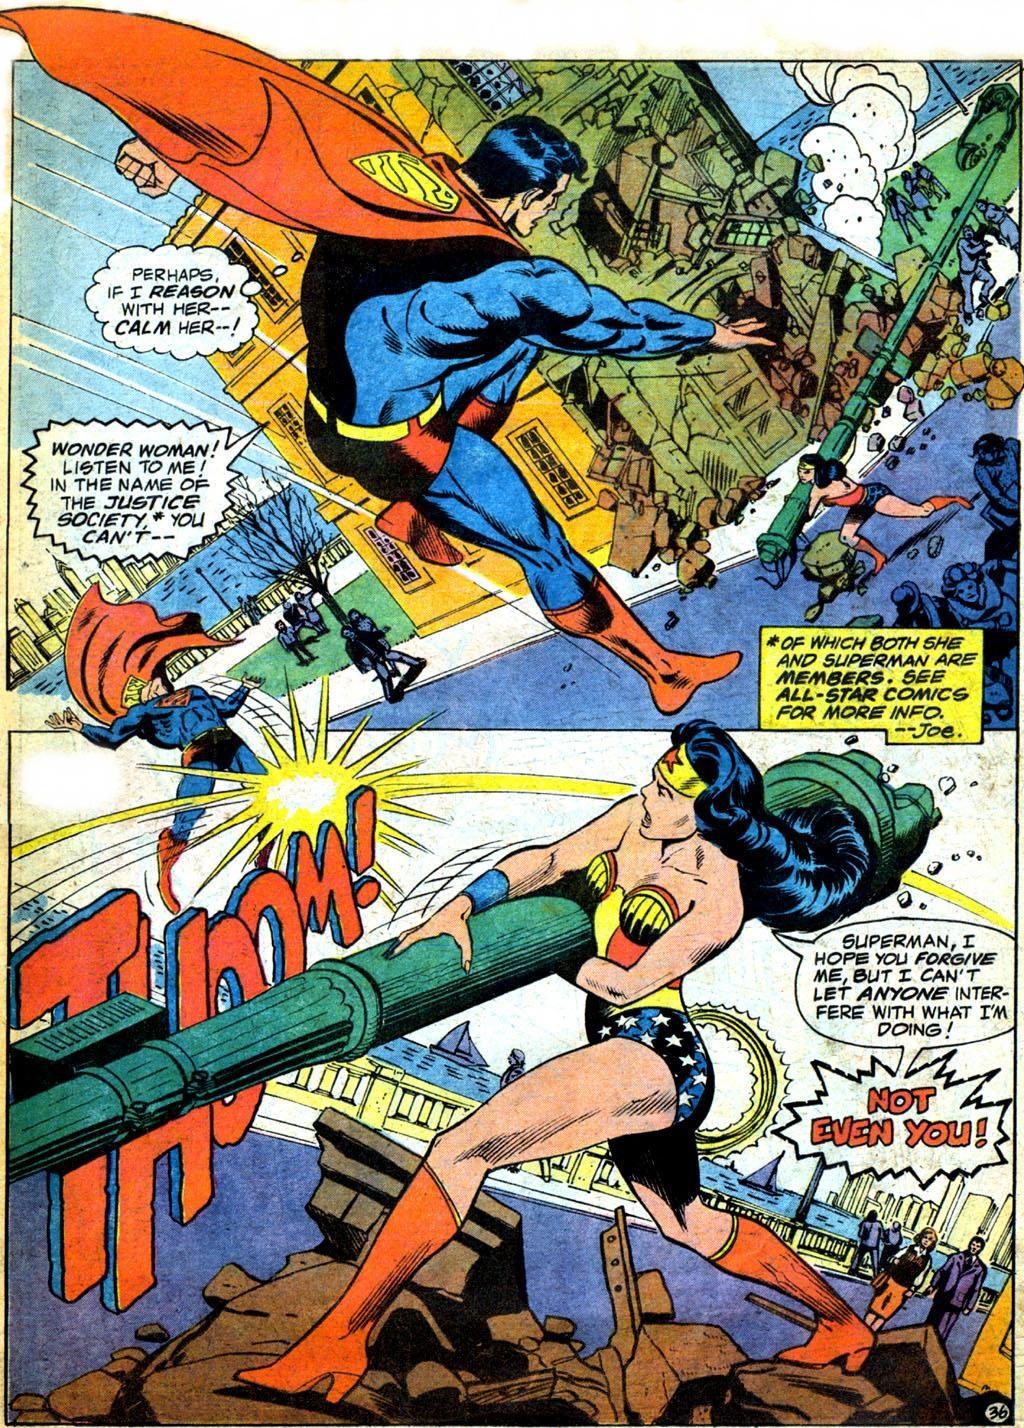 Superman Vs. Wonder Woman review